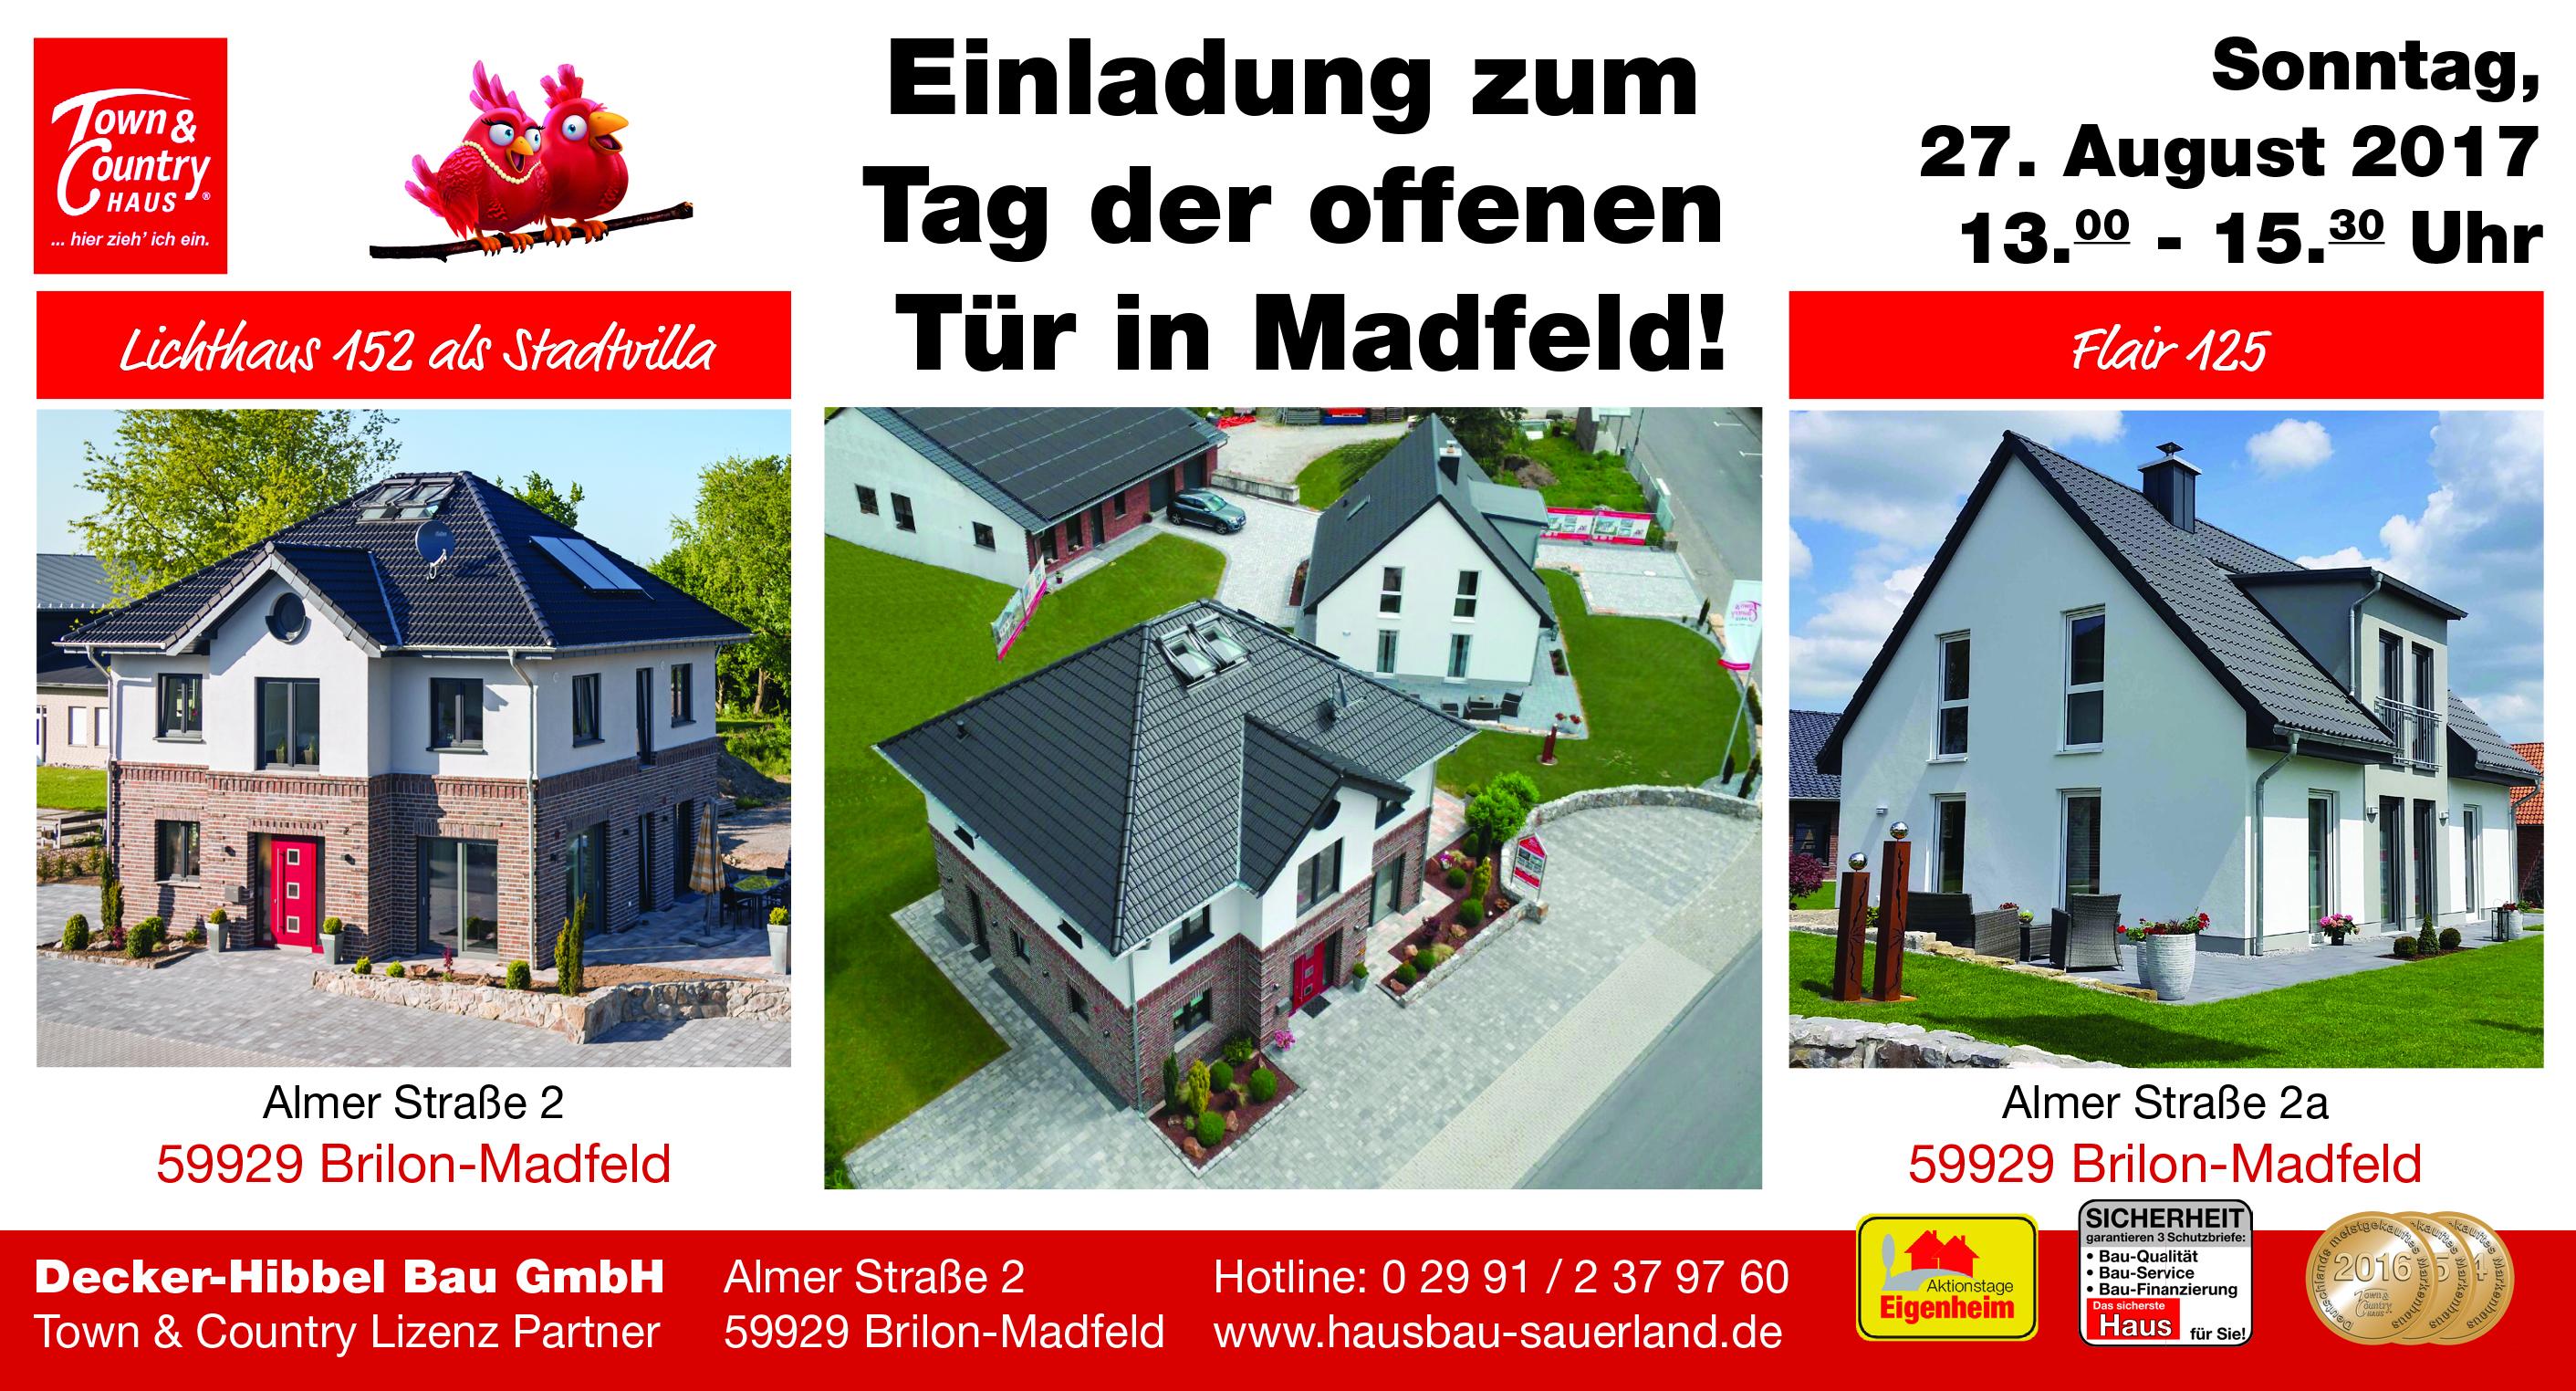 einladung zum tag der offenen tür in  - madfeld-sauerland, Einladung